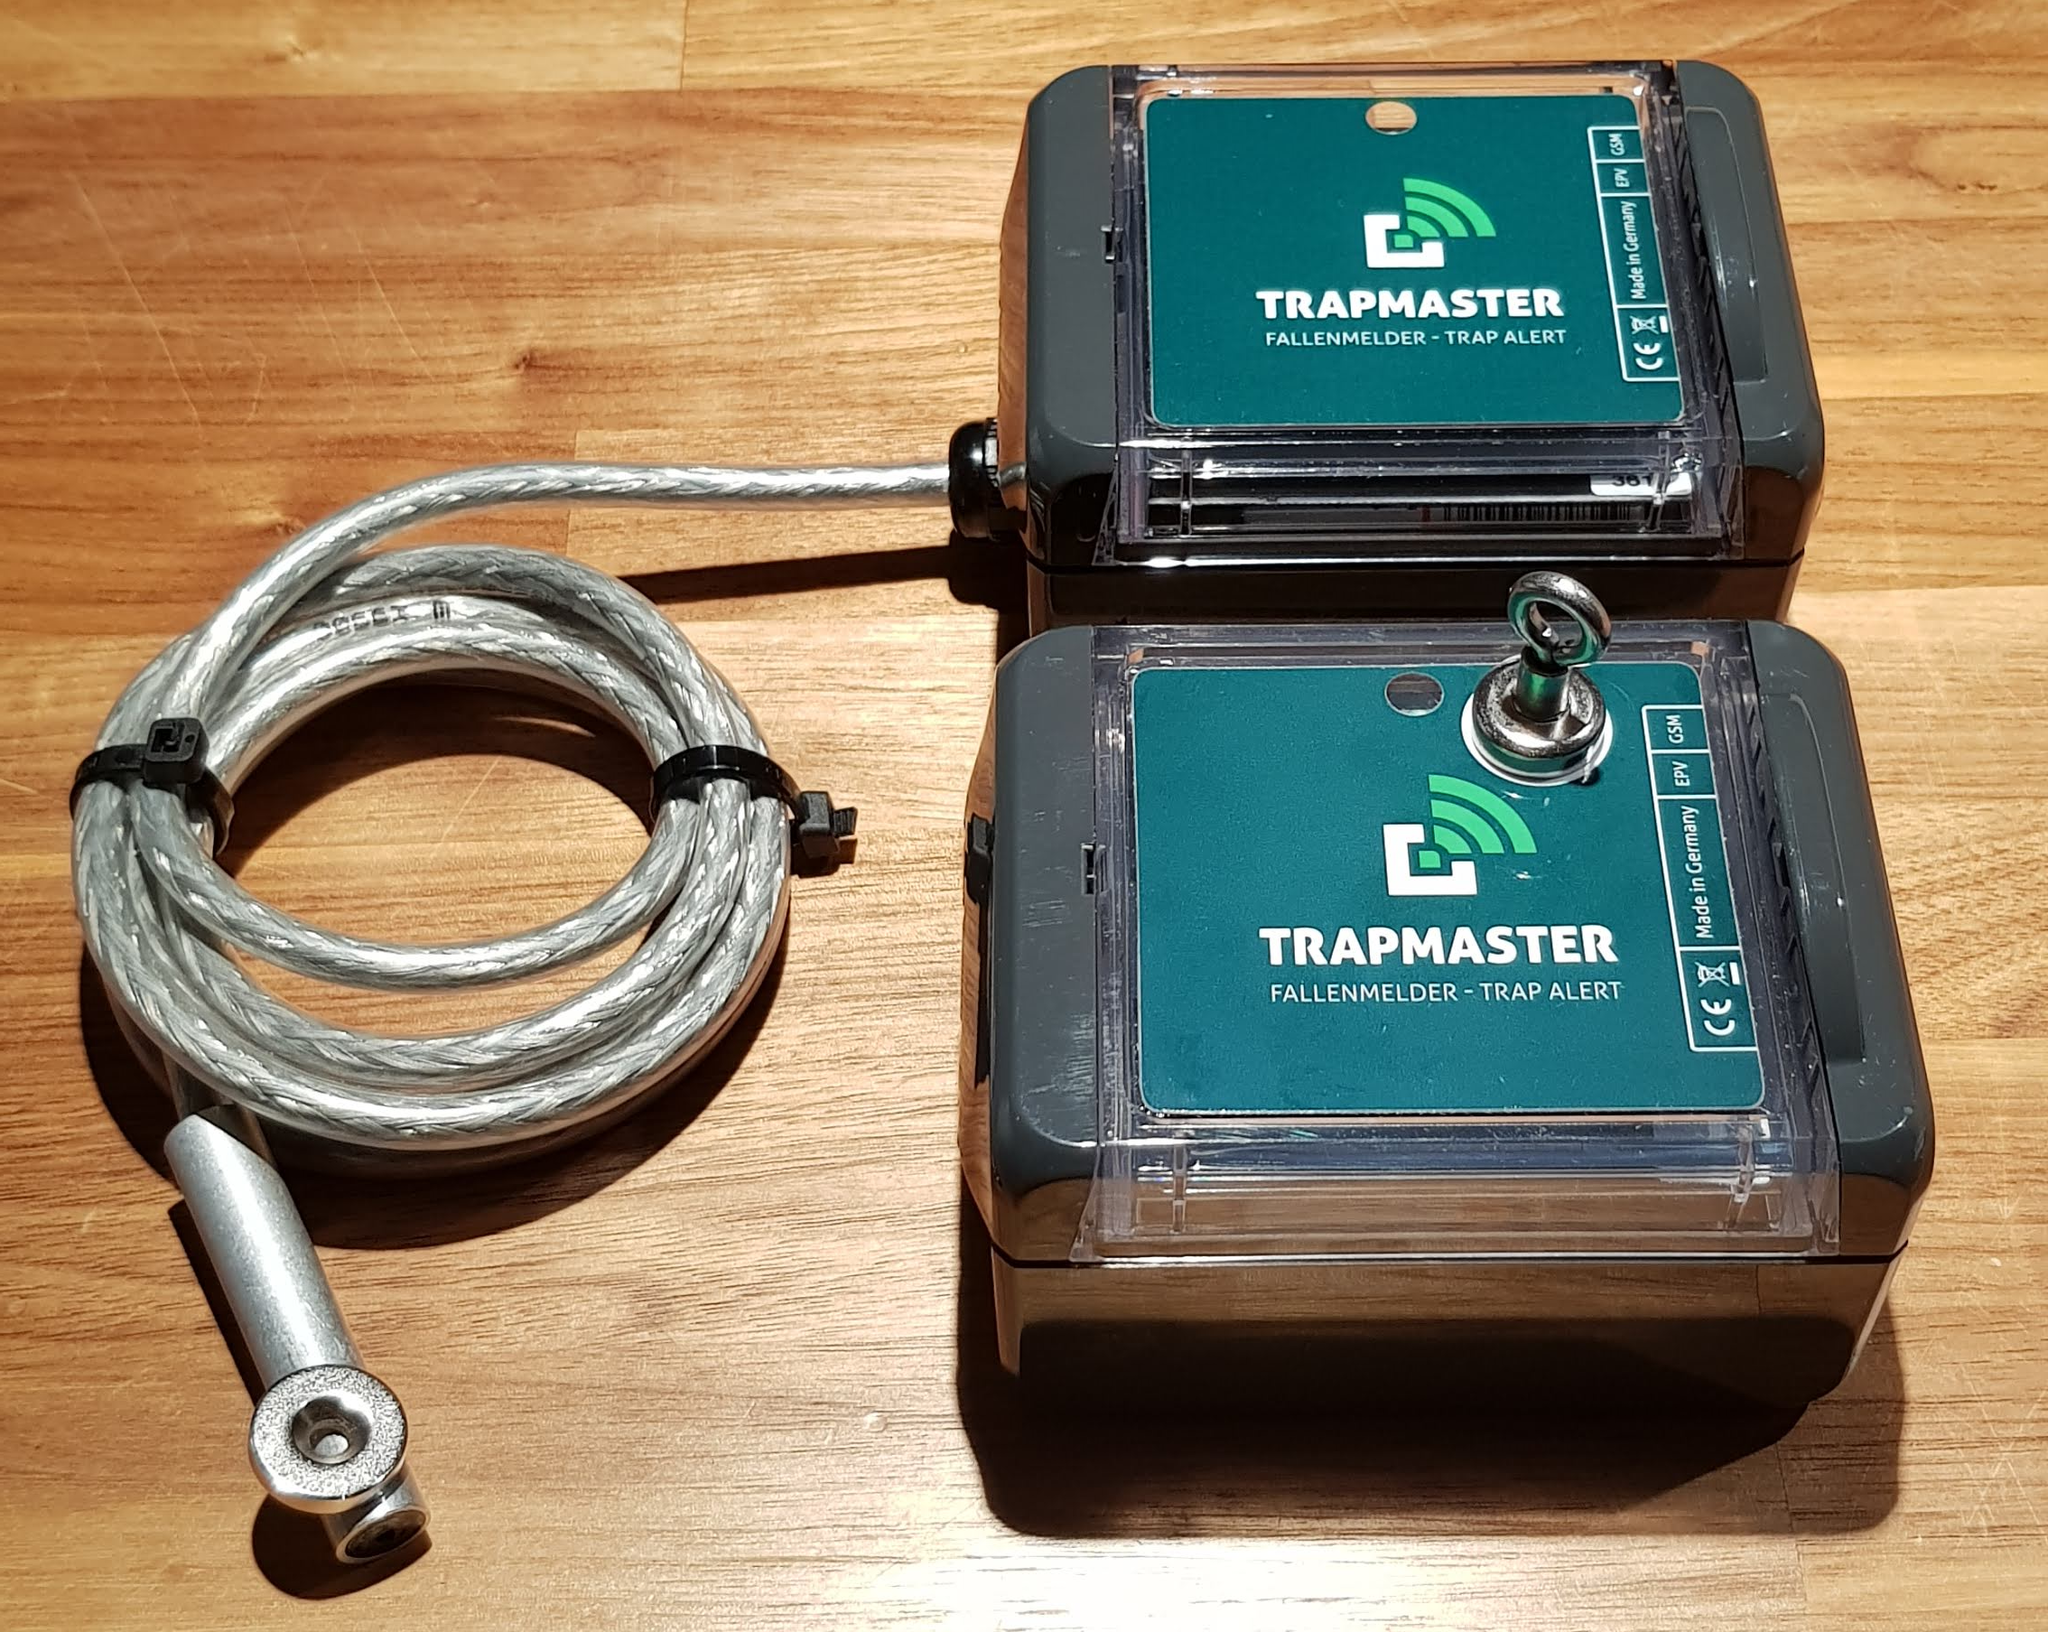 Fallenmelder TRAPMASTER Standard und Neo nebeneinander